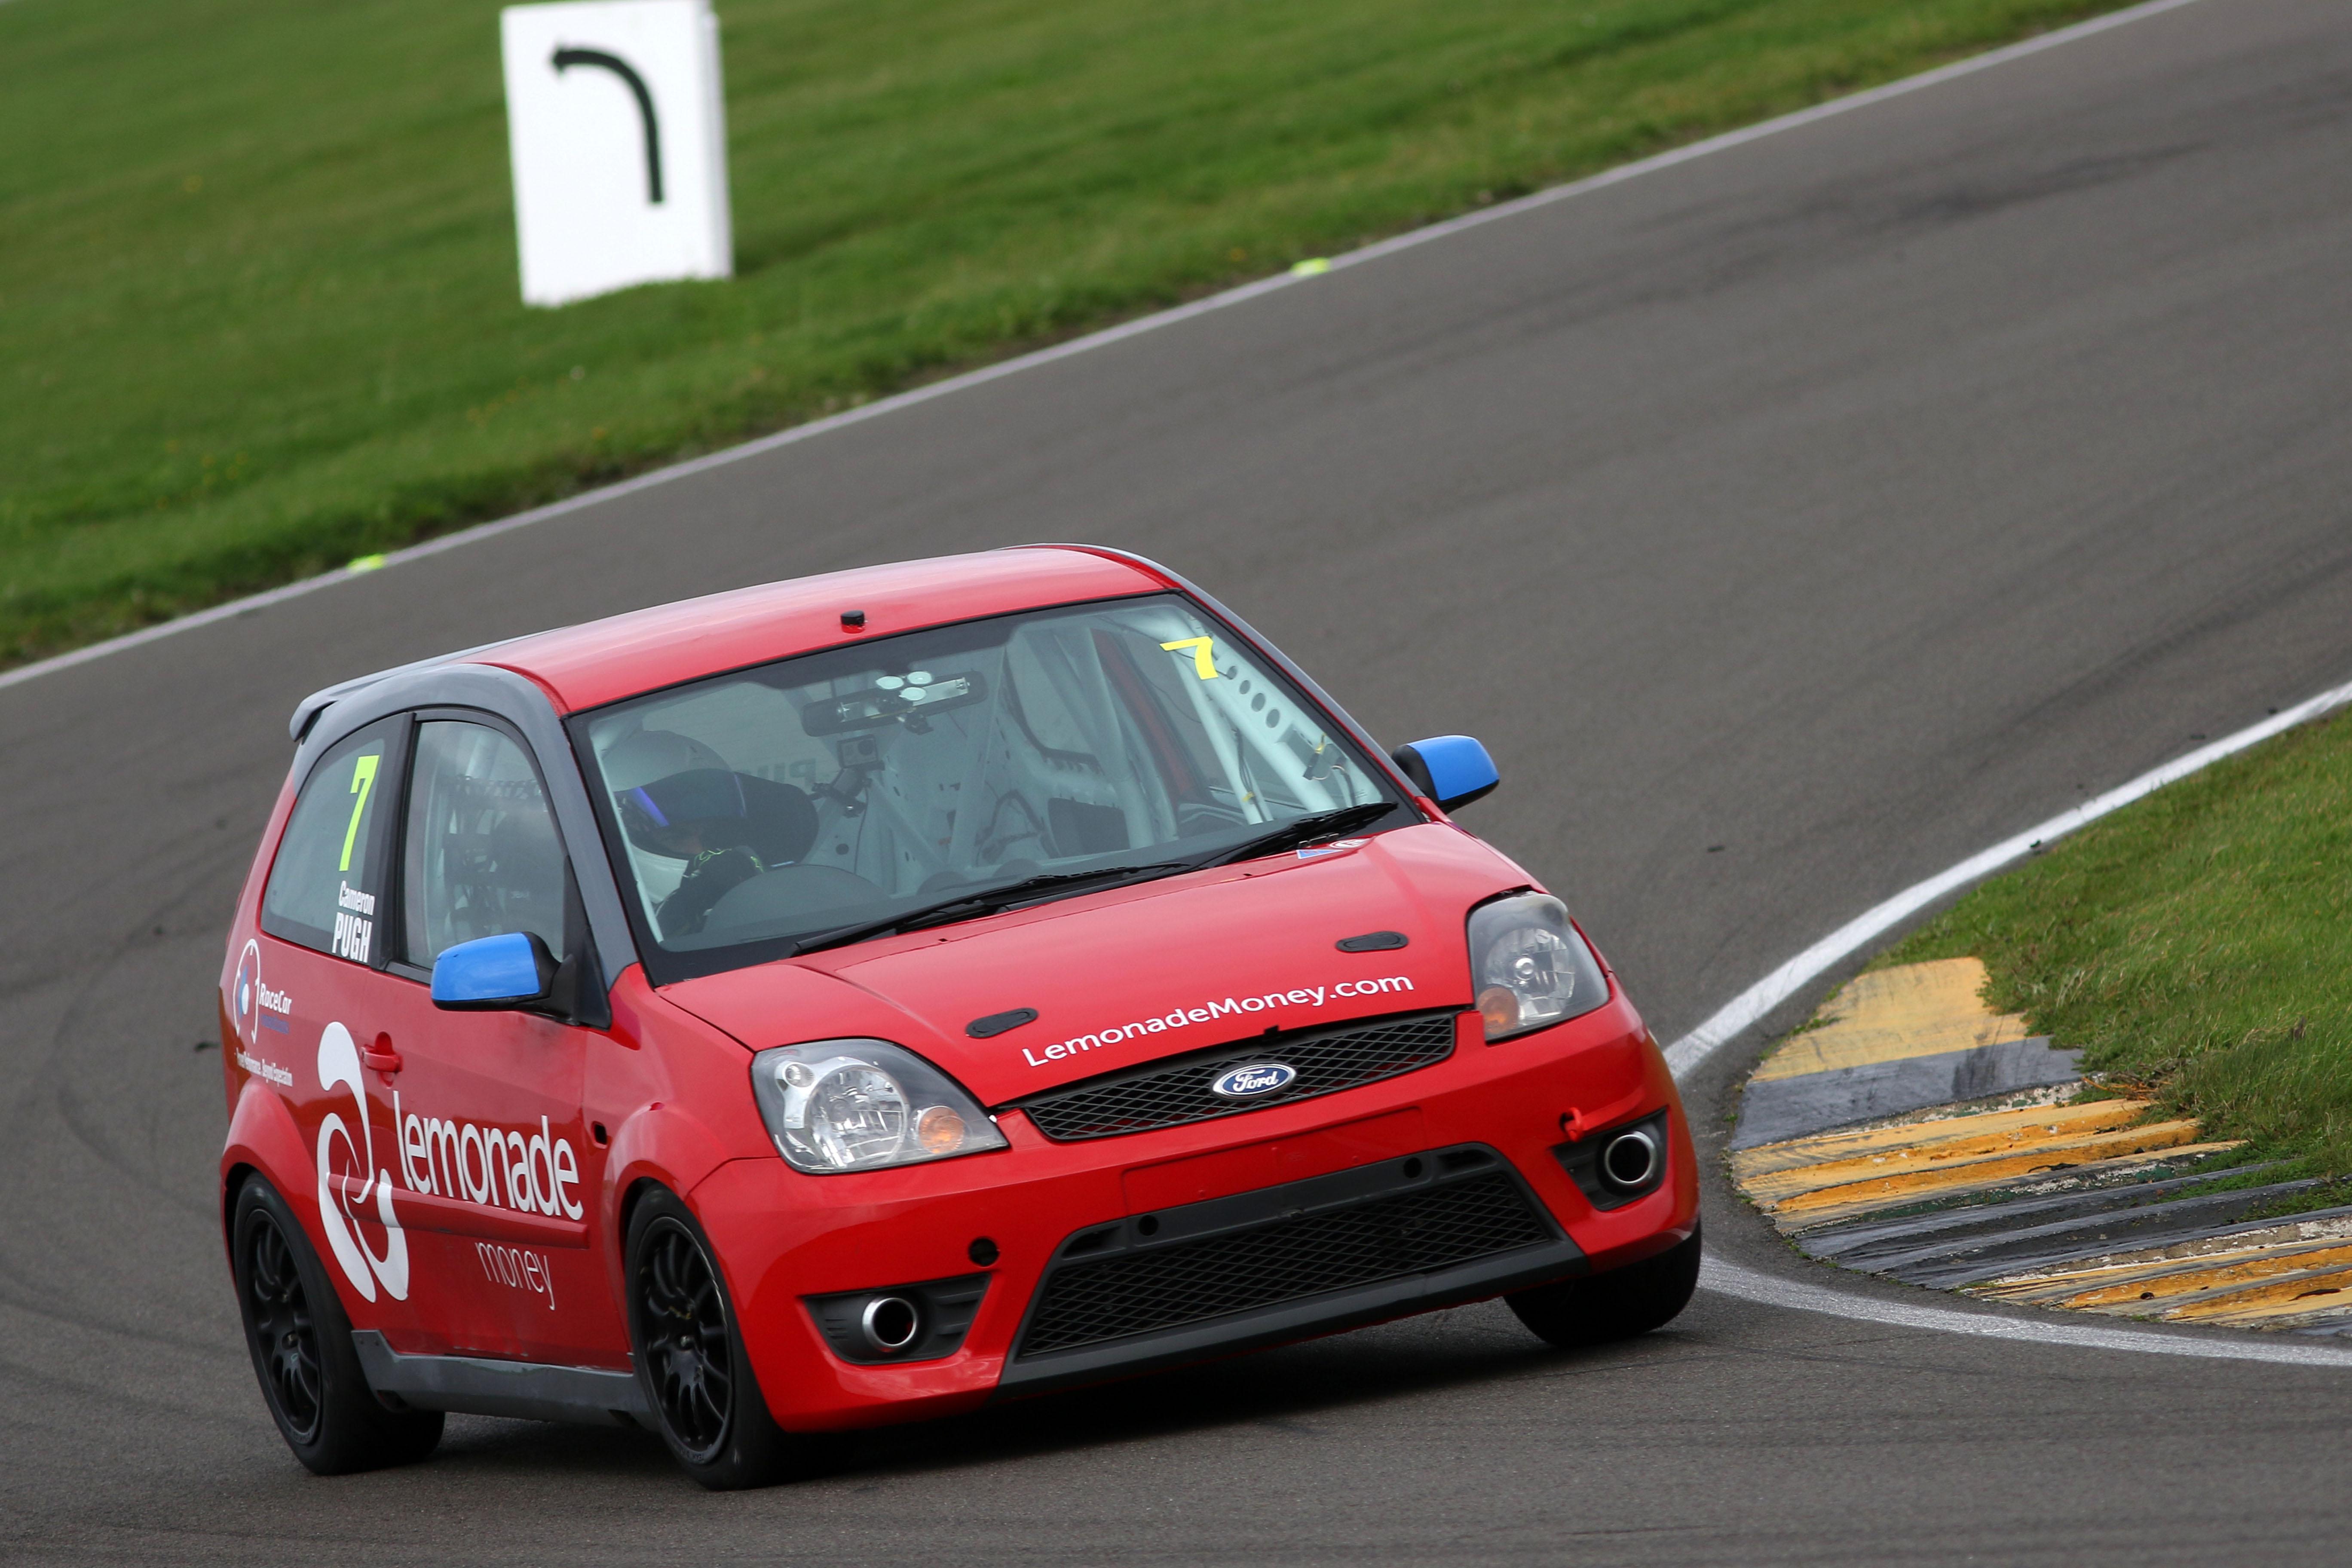 Car Racing Tyres Uk